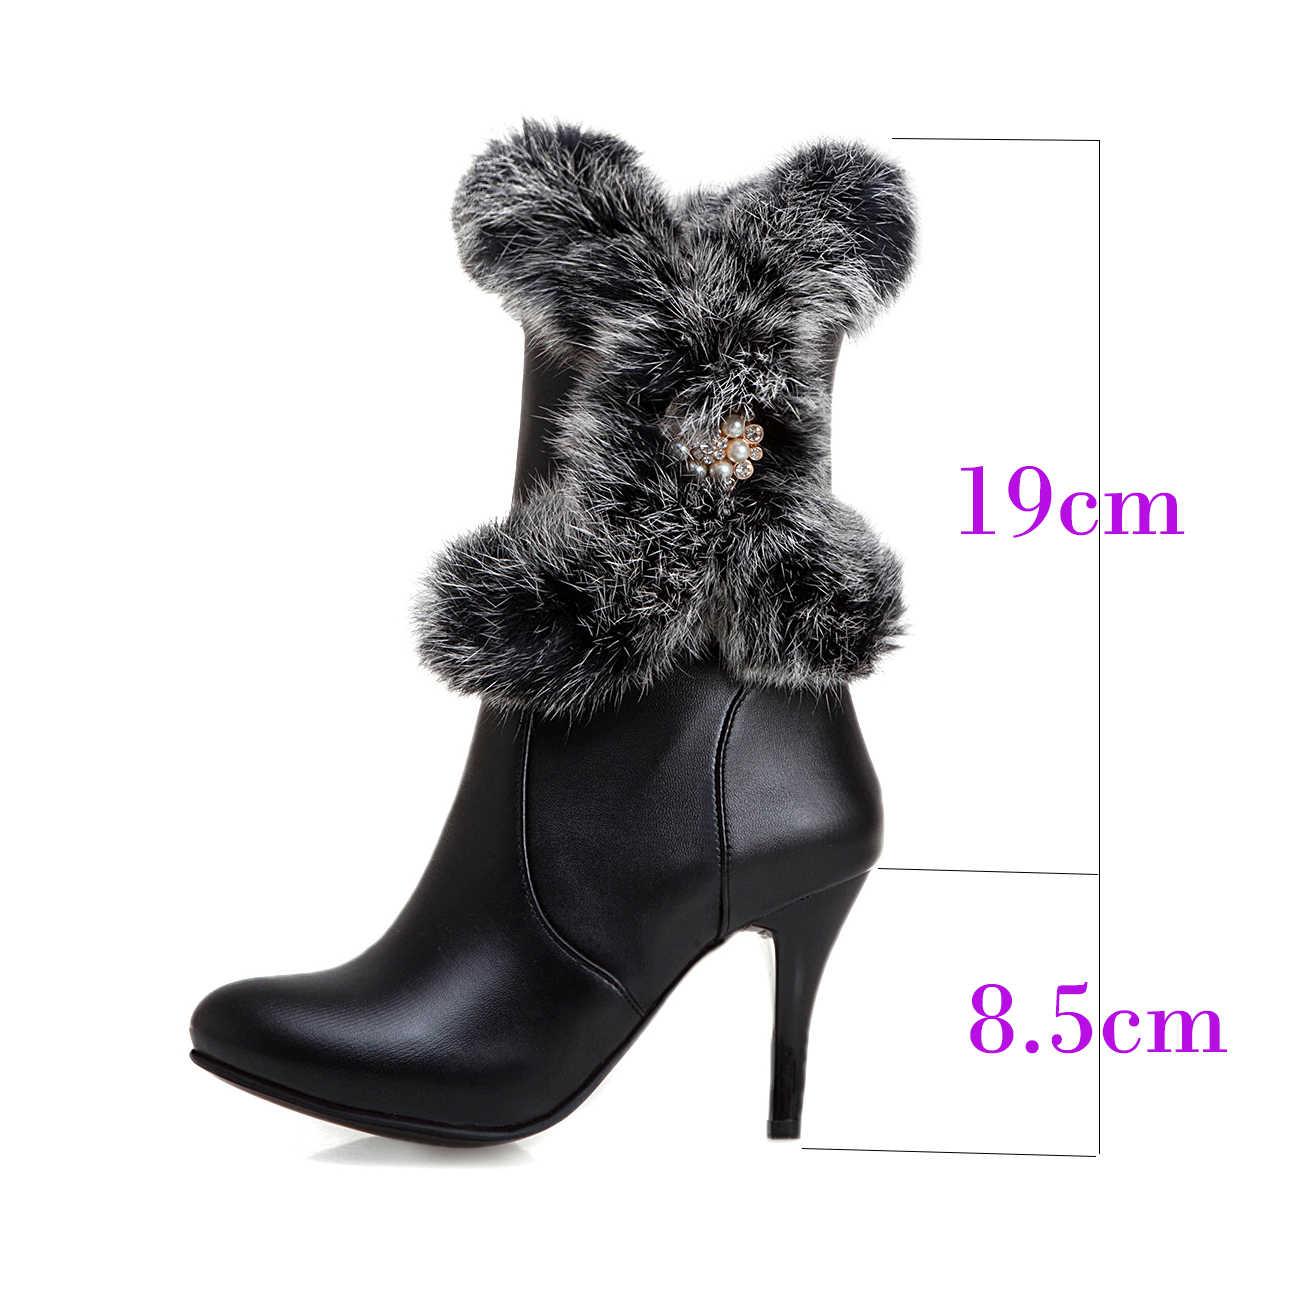 Frauen High Heel Stiefel Echtpelz Stiefel Frauen Schwarz Weiß Winter Schuhe Frauen Runde Kappe Zipper Stiefeletten Für Damen größe 14 15 50